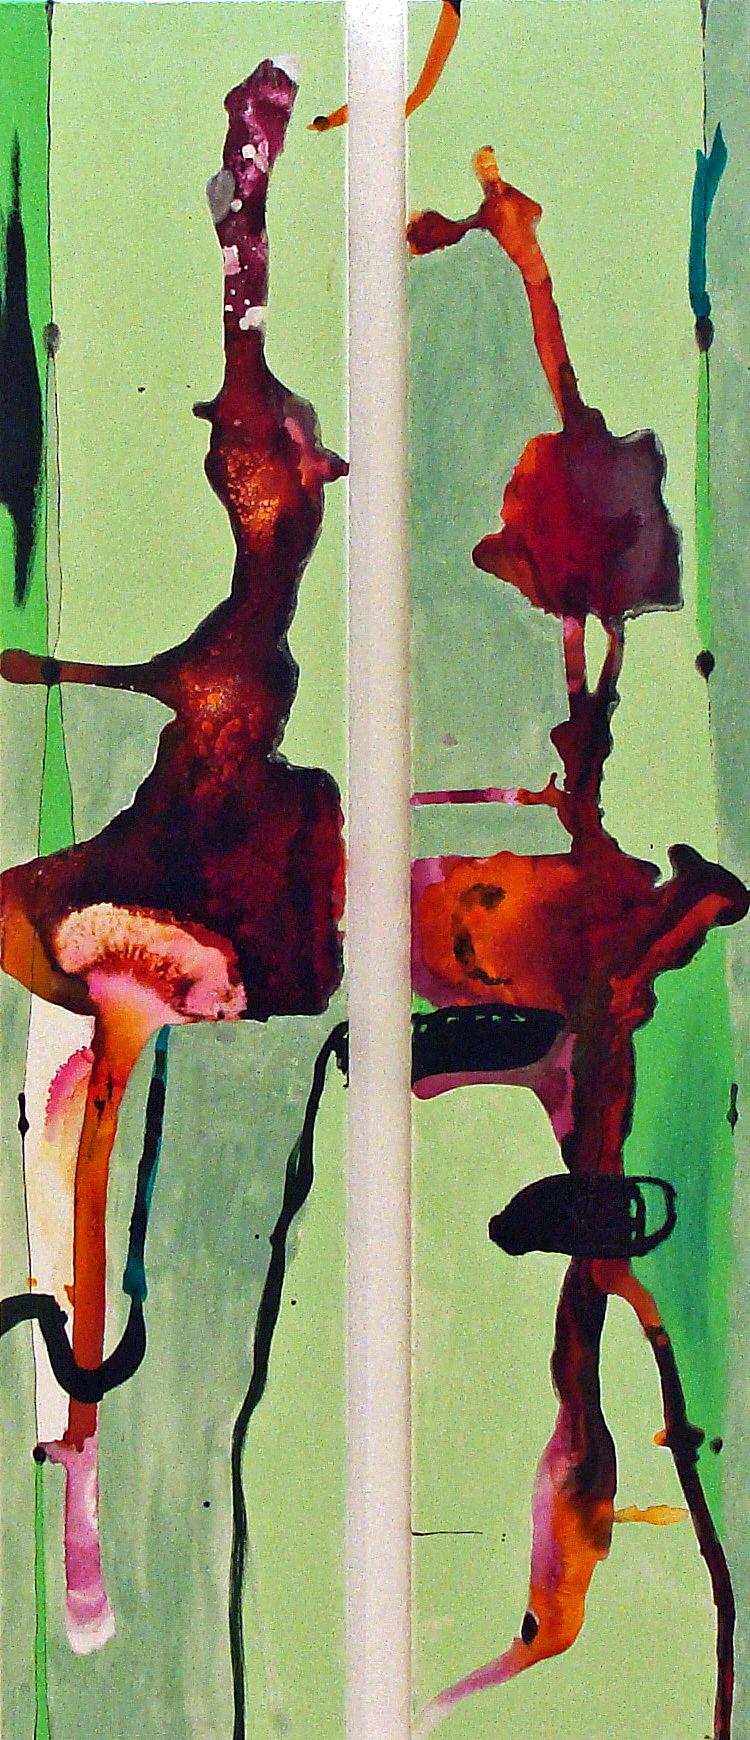 Ohne Titel, Diptychon, 2012, Zeichentusche/Pastell/Vodka & Olivenöl (kein Witz) auf Leinwand, je 150 x 30 cm, € 624,10 (€ 790.-)